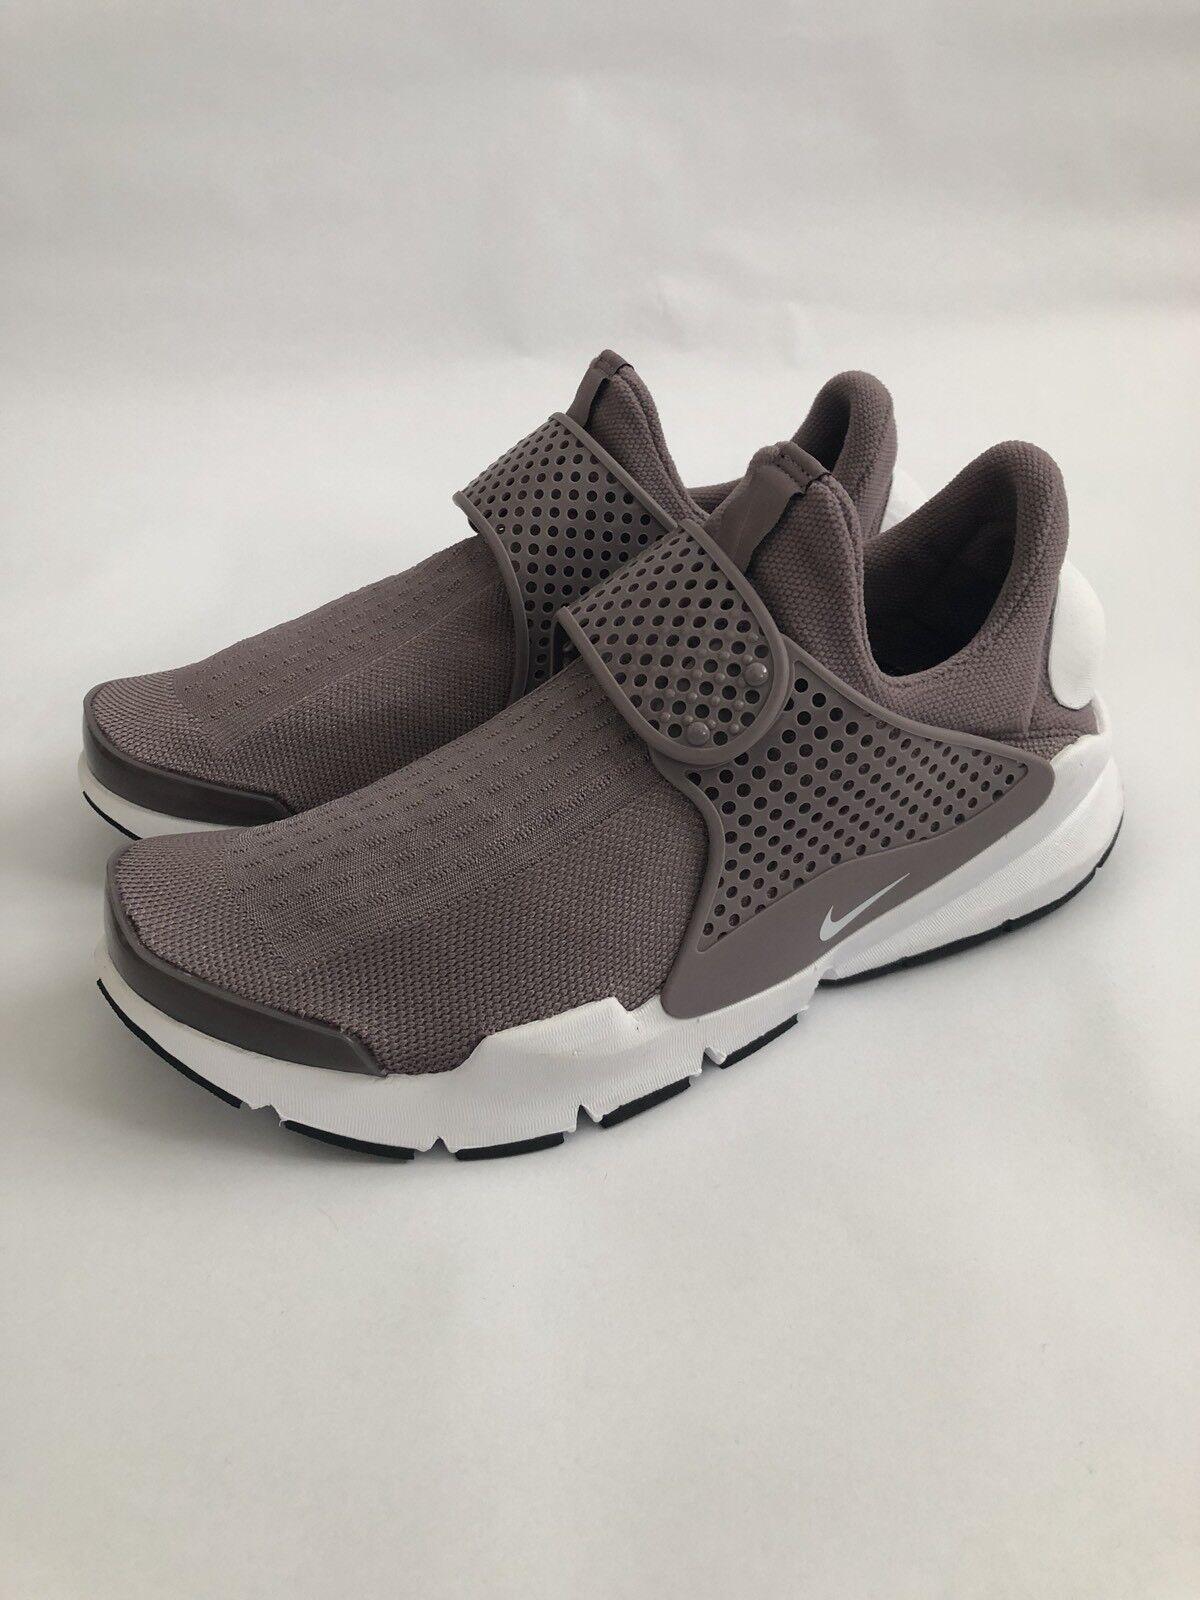 NUOVO  Nike SOCK Dart GRIGIO TALPA BIANCO-NERO 848475-201 Taglia Taglia Taglia prezzo consigliato  .95 c16c37